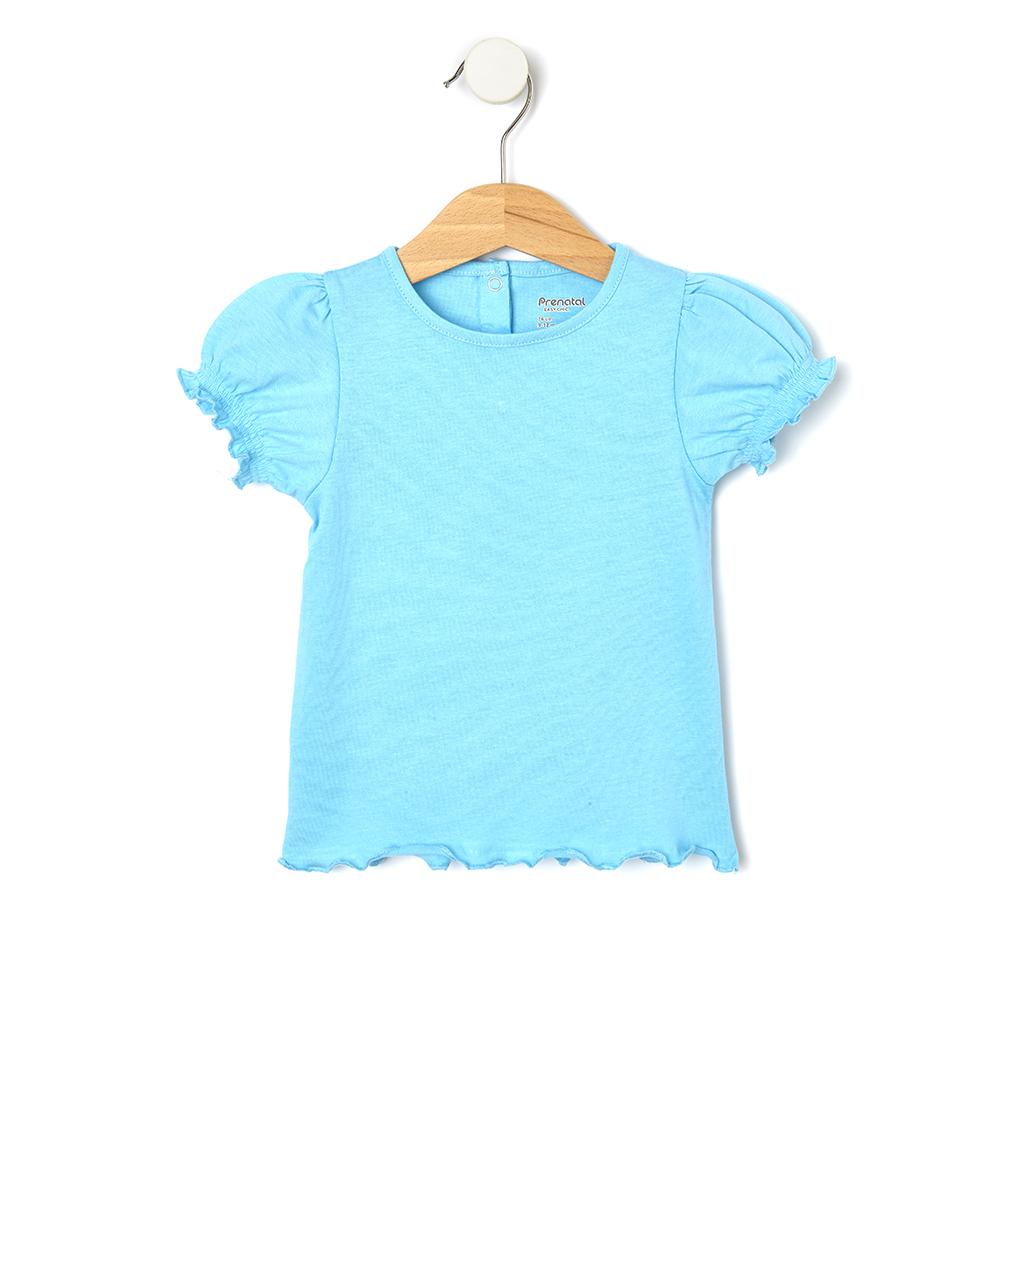 T-Shirt Jersey Γαλάζιο για Κορίτσι